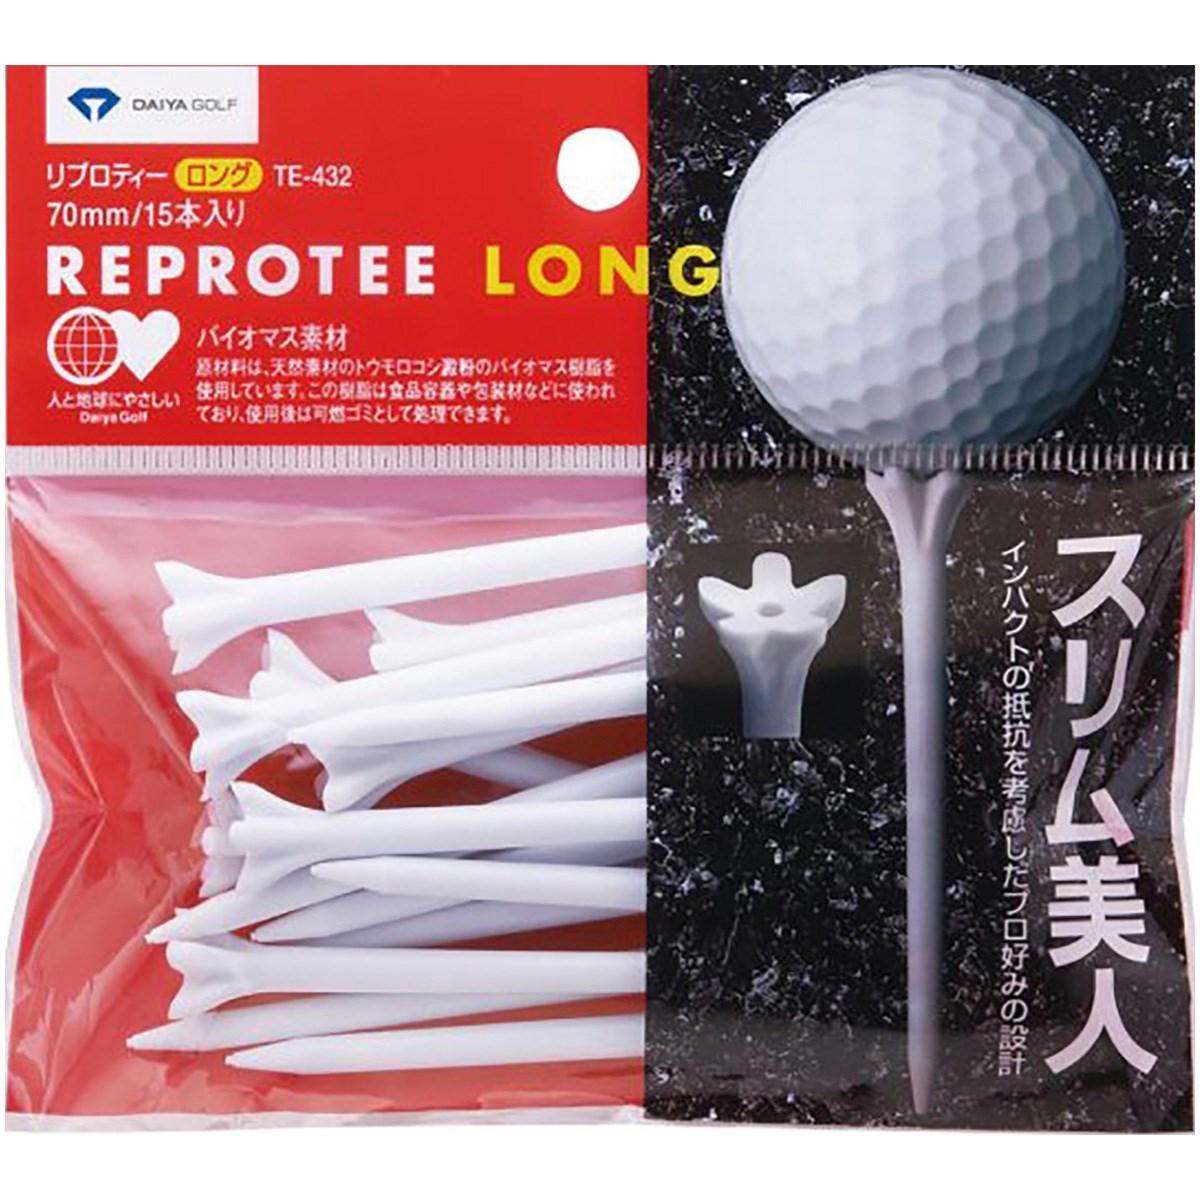 ダイヤゴルフ DAIYA GOLF リプロティー ロング70mm ホワイト